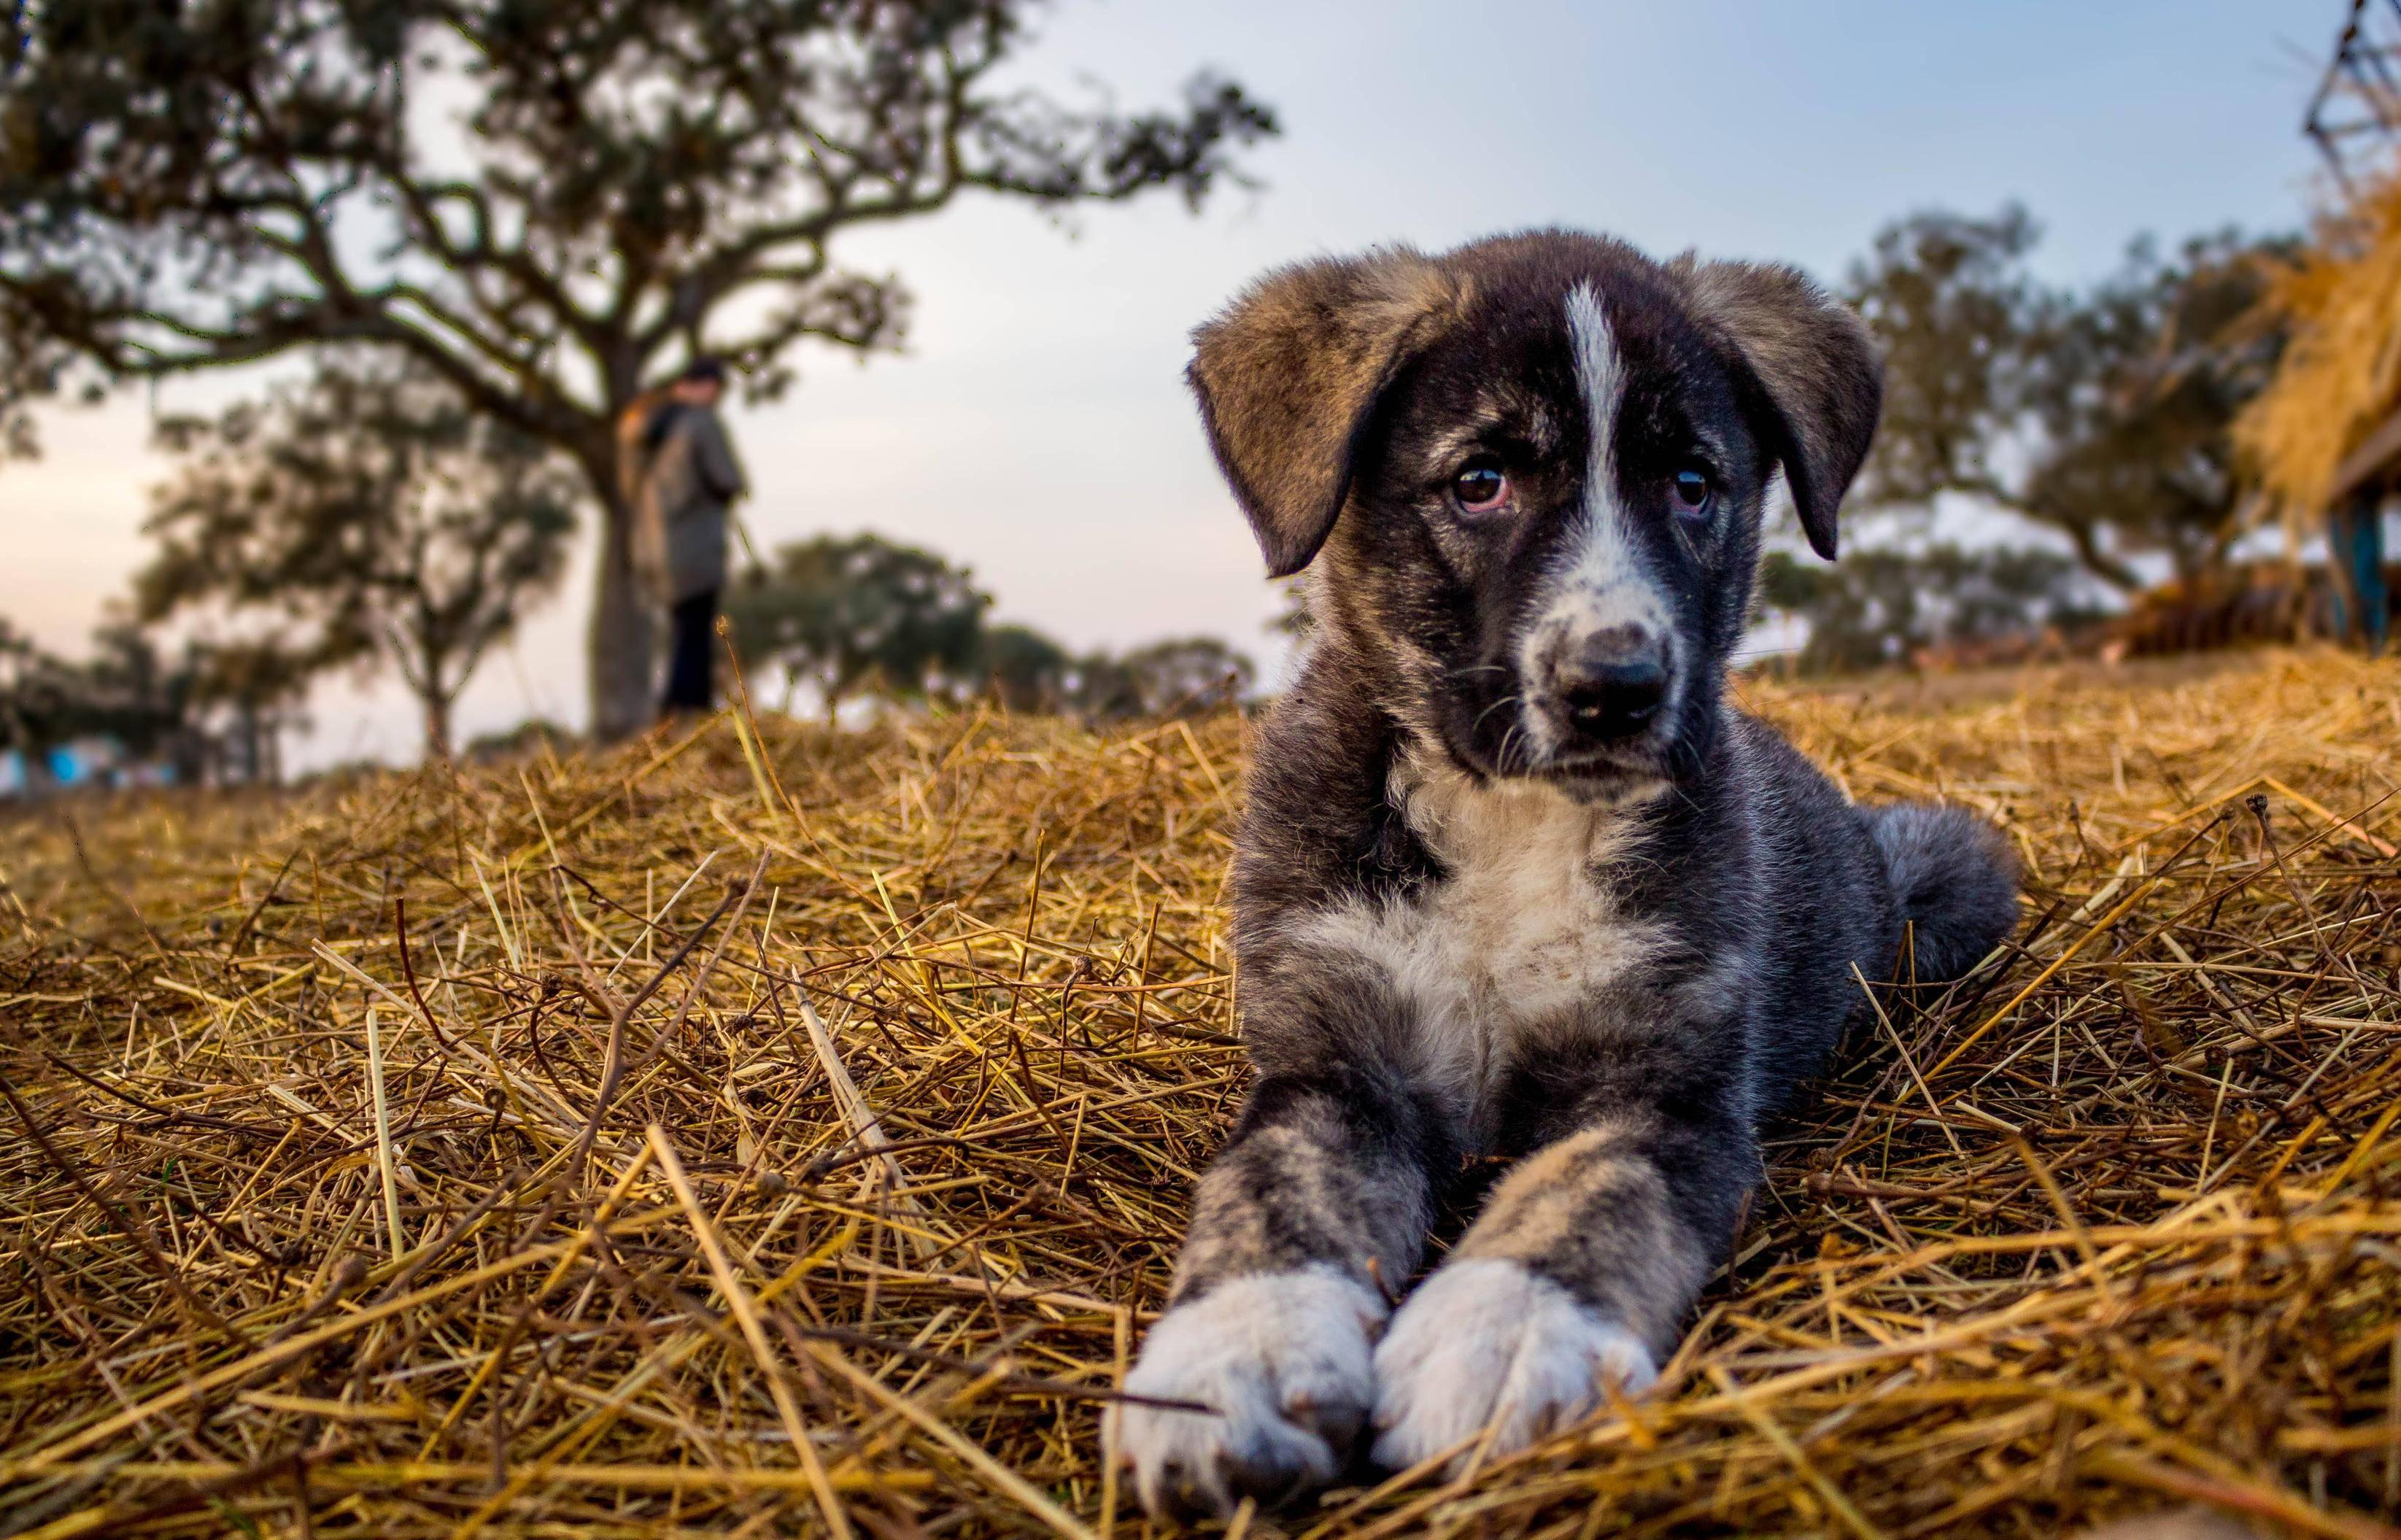 Рафейру ду алентежу.характеристика и описание породы (с фото) | все о собаках